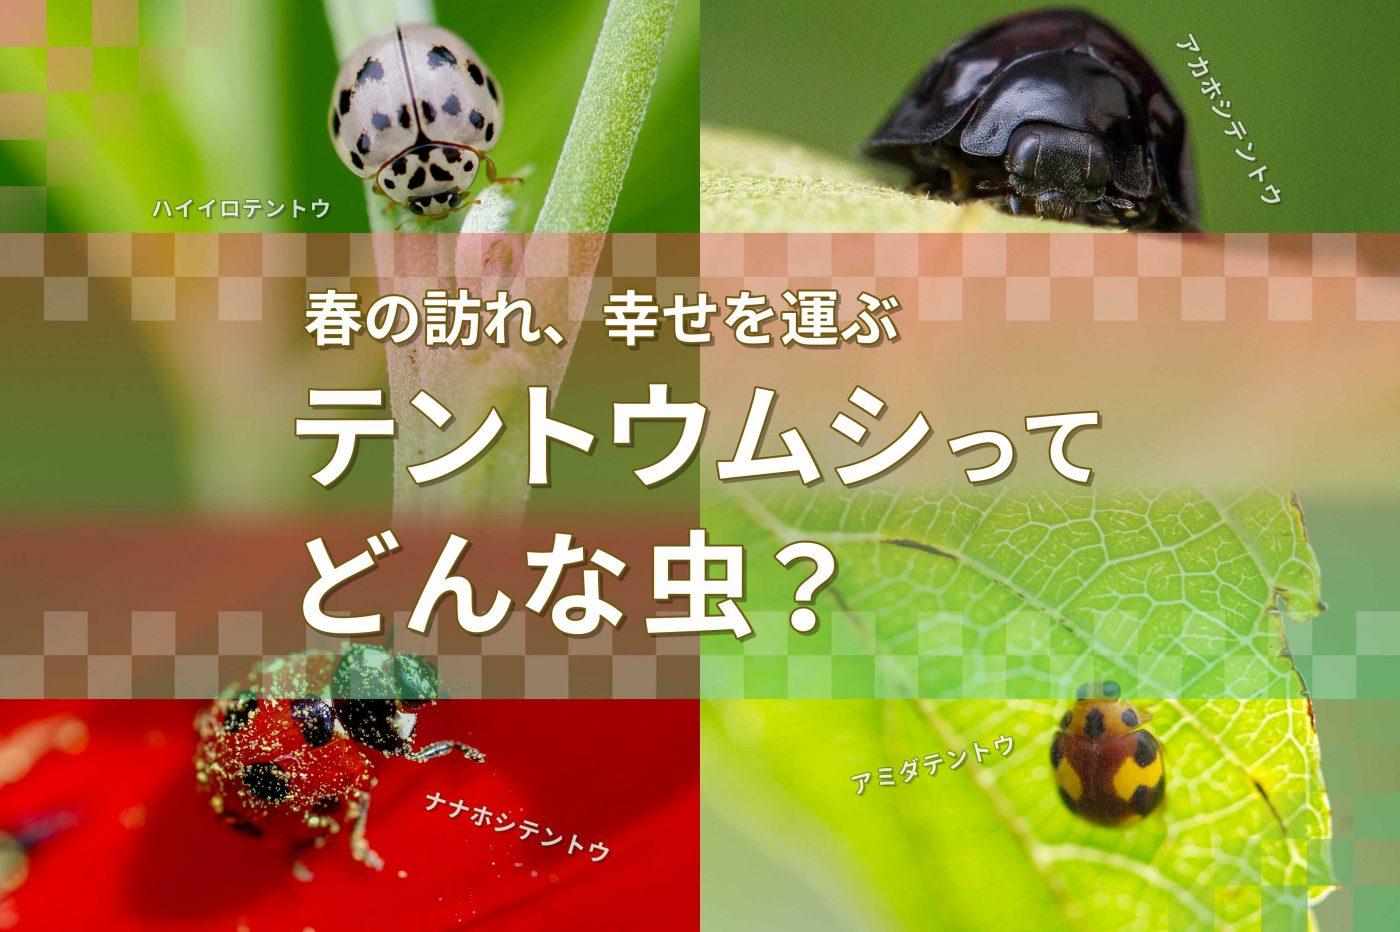 てんとう 虫 の お告げ テントウムシ図鑑